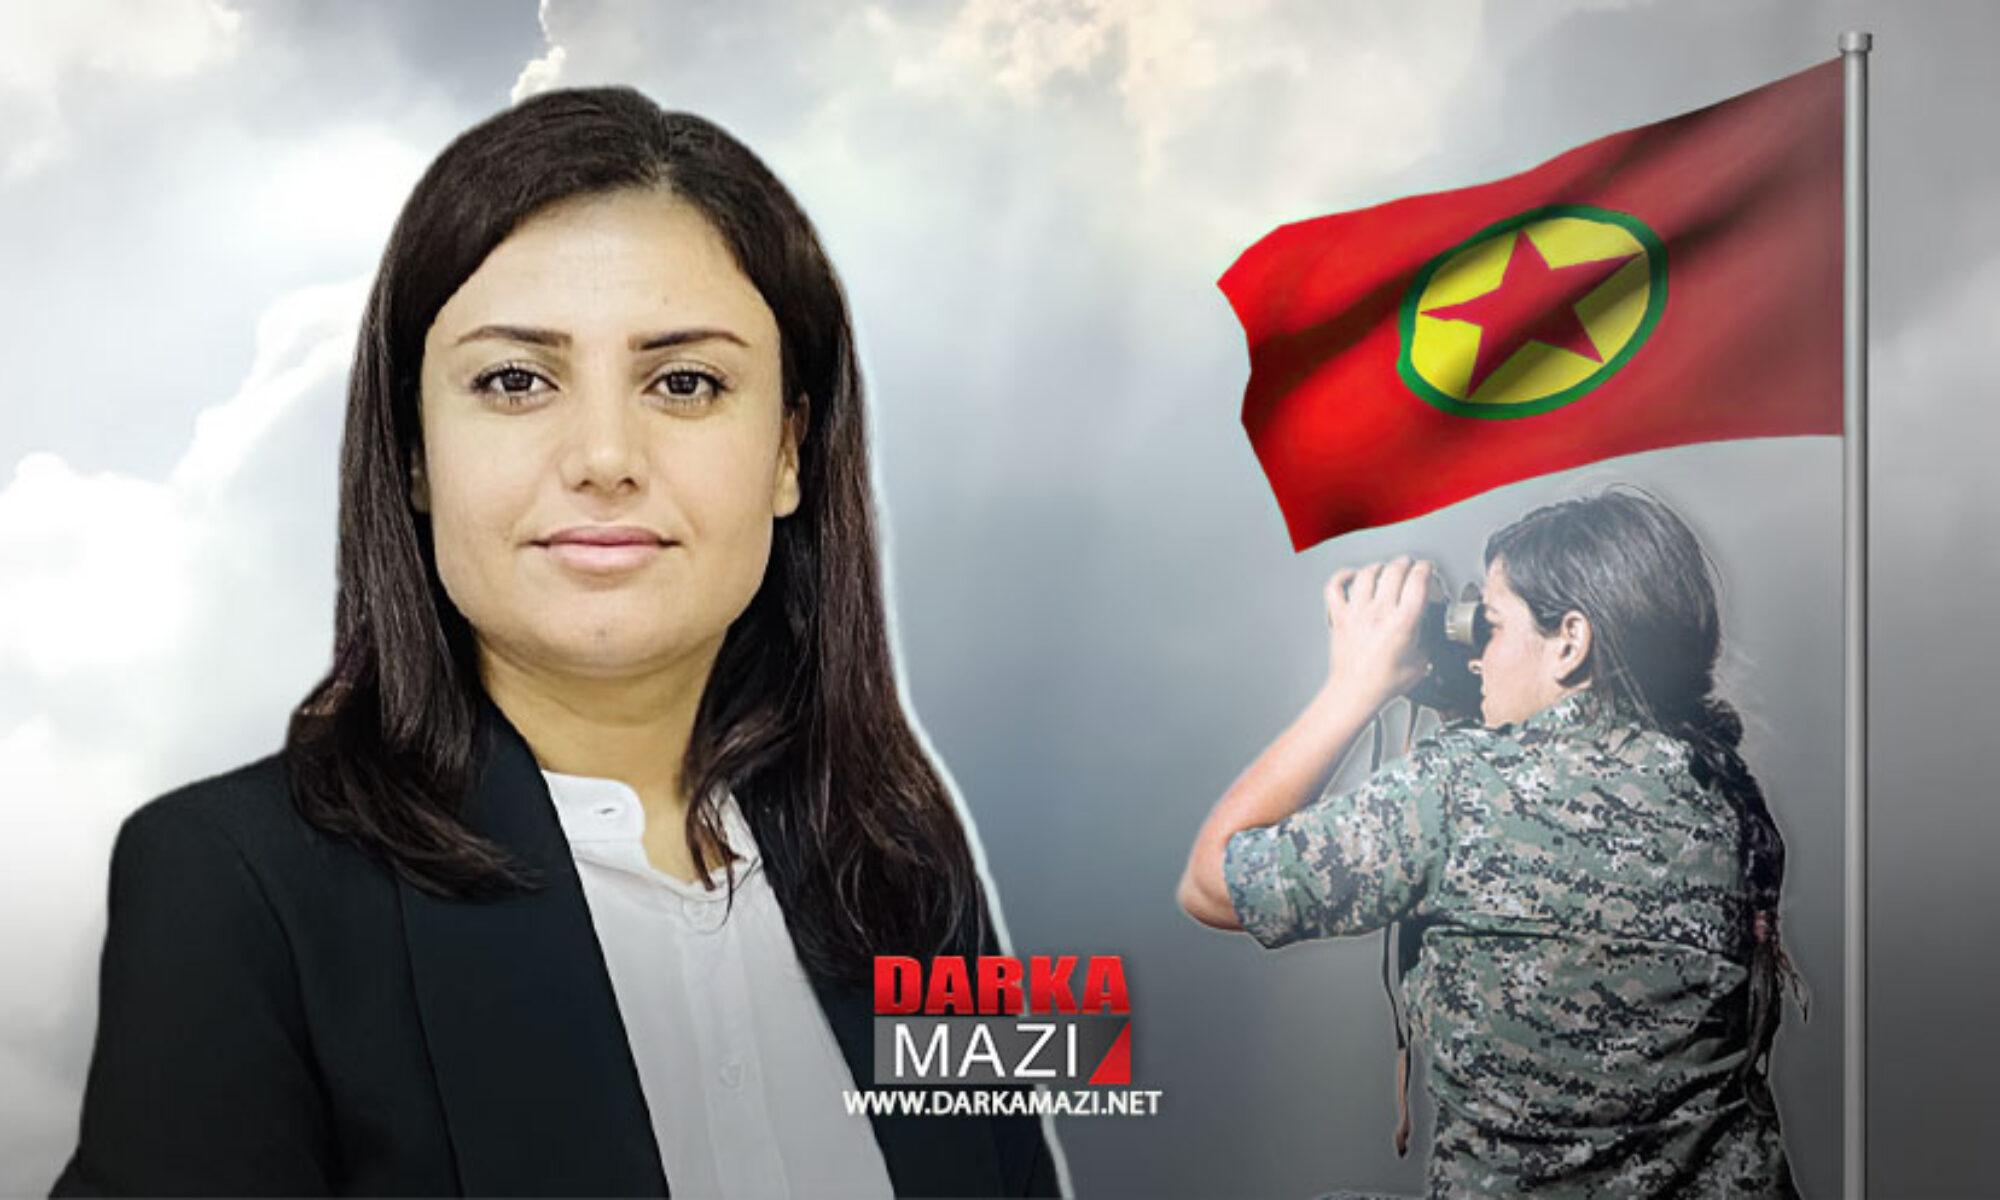 Ezdi Kürt kadın aktivist Dilvîn Xelef: IŞİD'in kaçırdığı kızları kurtara biliyoruz ama PKK'nin kaçırdıklarını kurtaramıyoruz